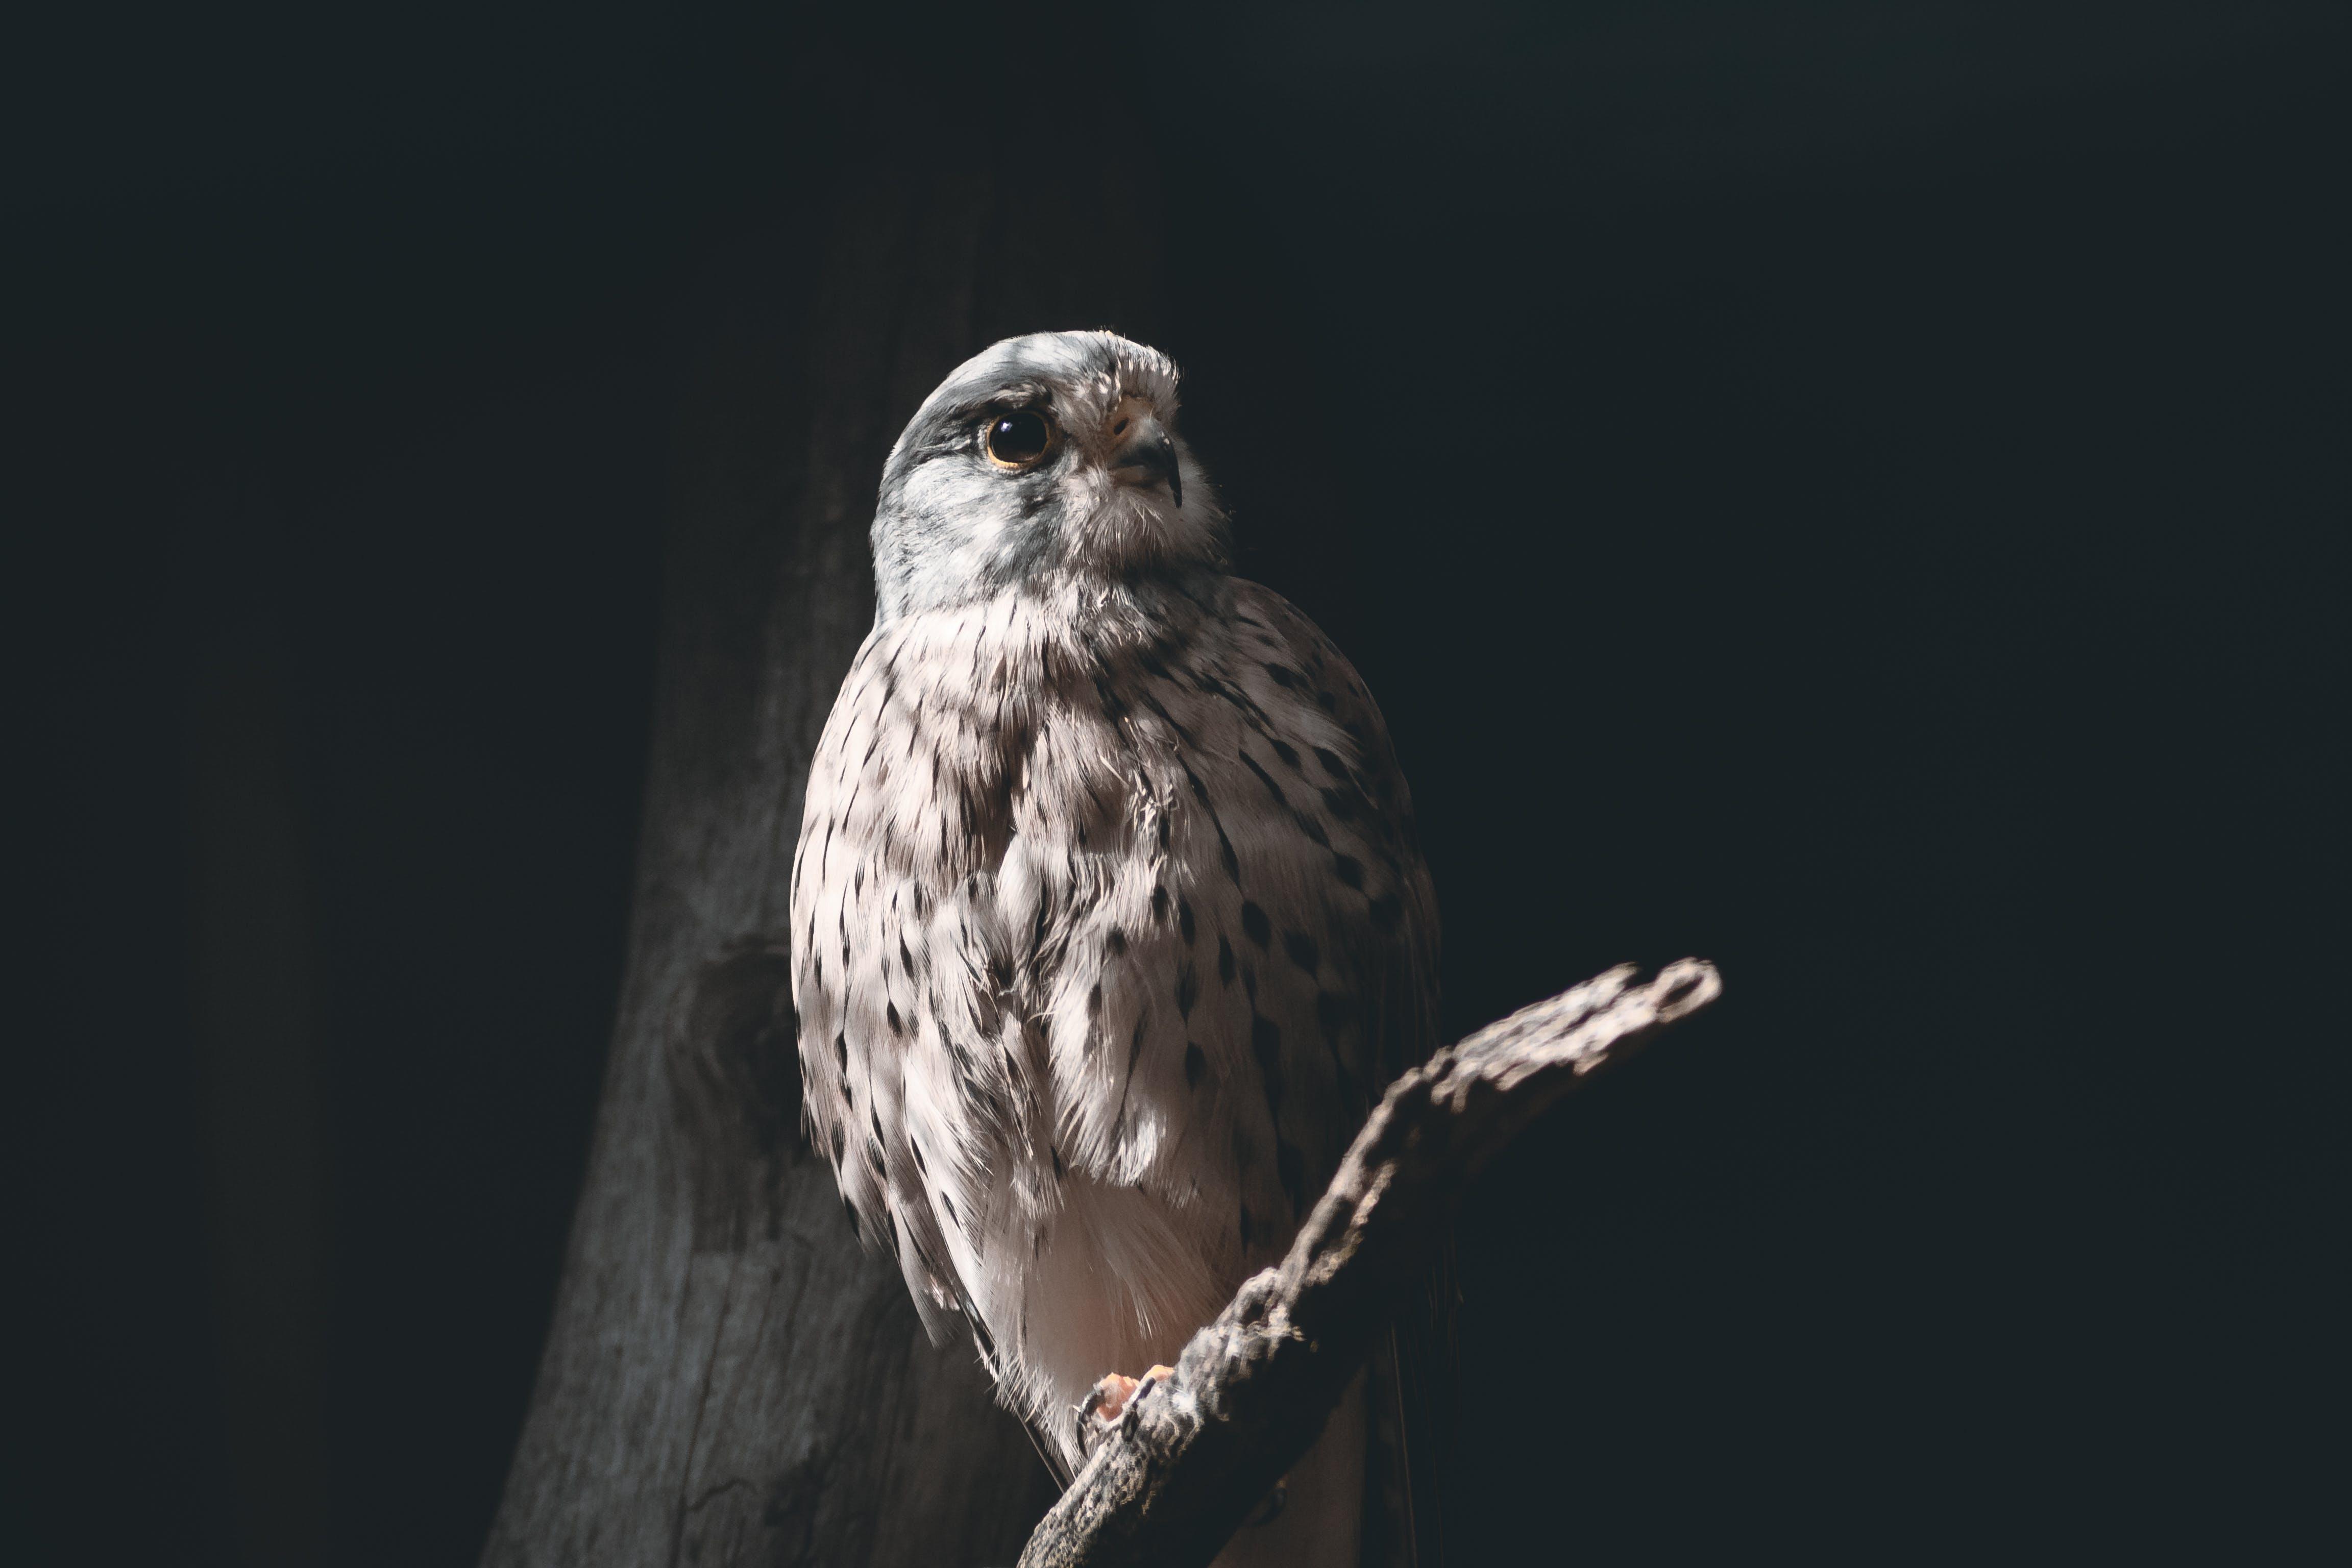 bakmak, dal, hayvan, kuş tüyleri içeren Ücretsiz stok fotoğraf